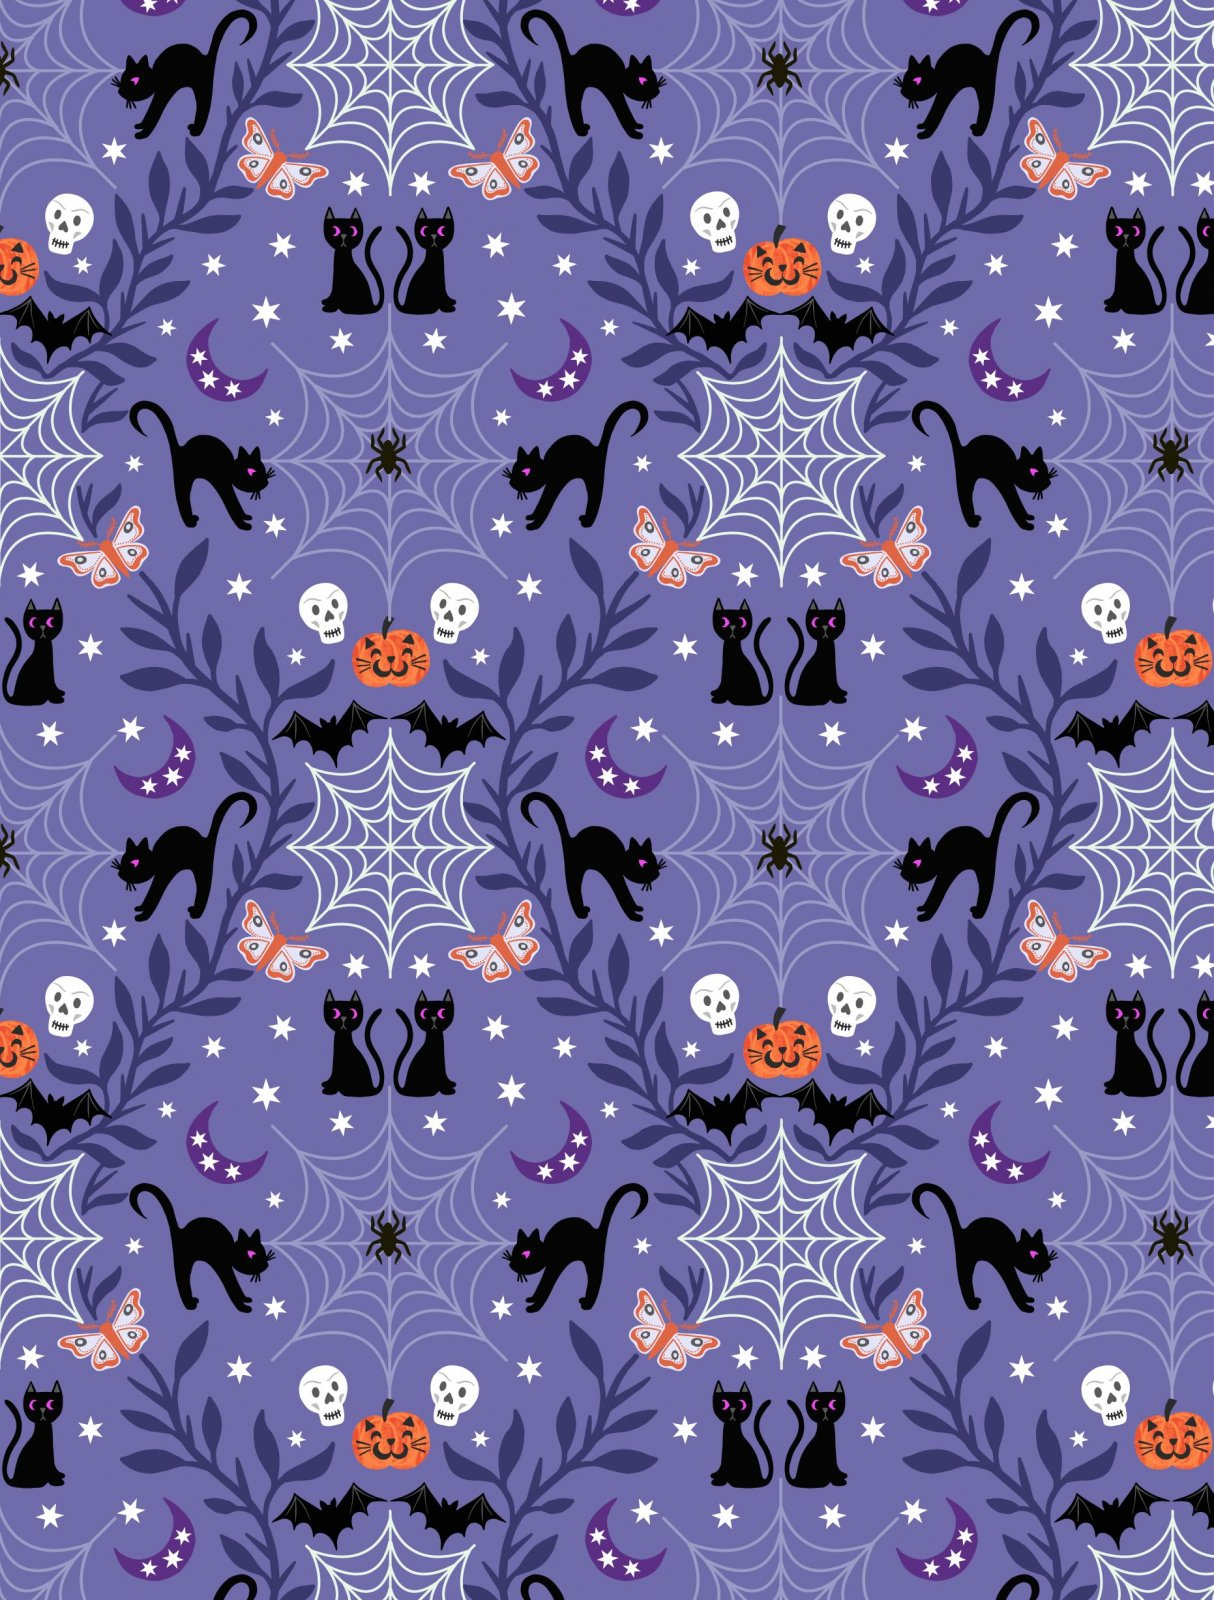 Castle Spooky Glow - Cats & Pumpkins on Purple by Lewis & Irene Fabrics